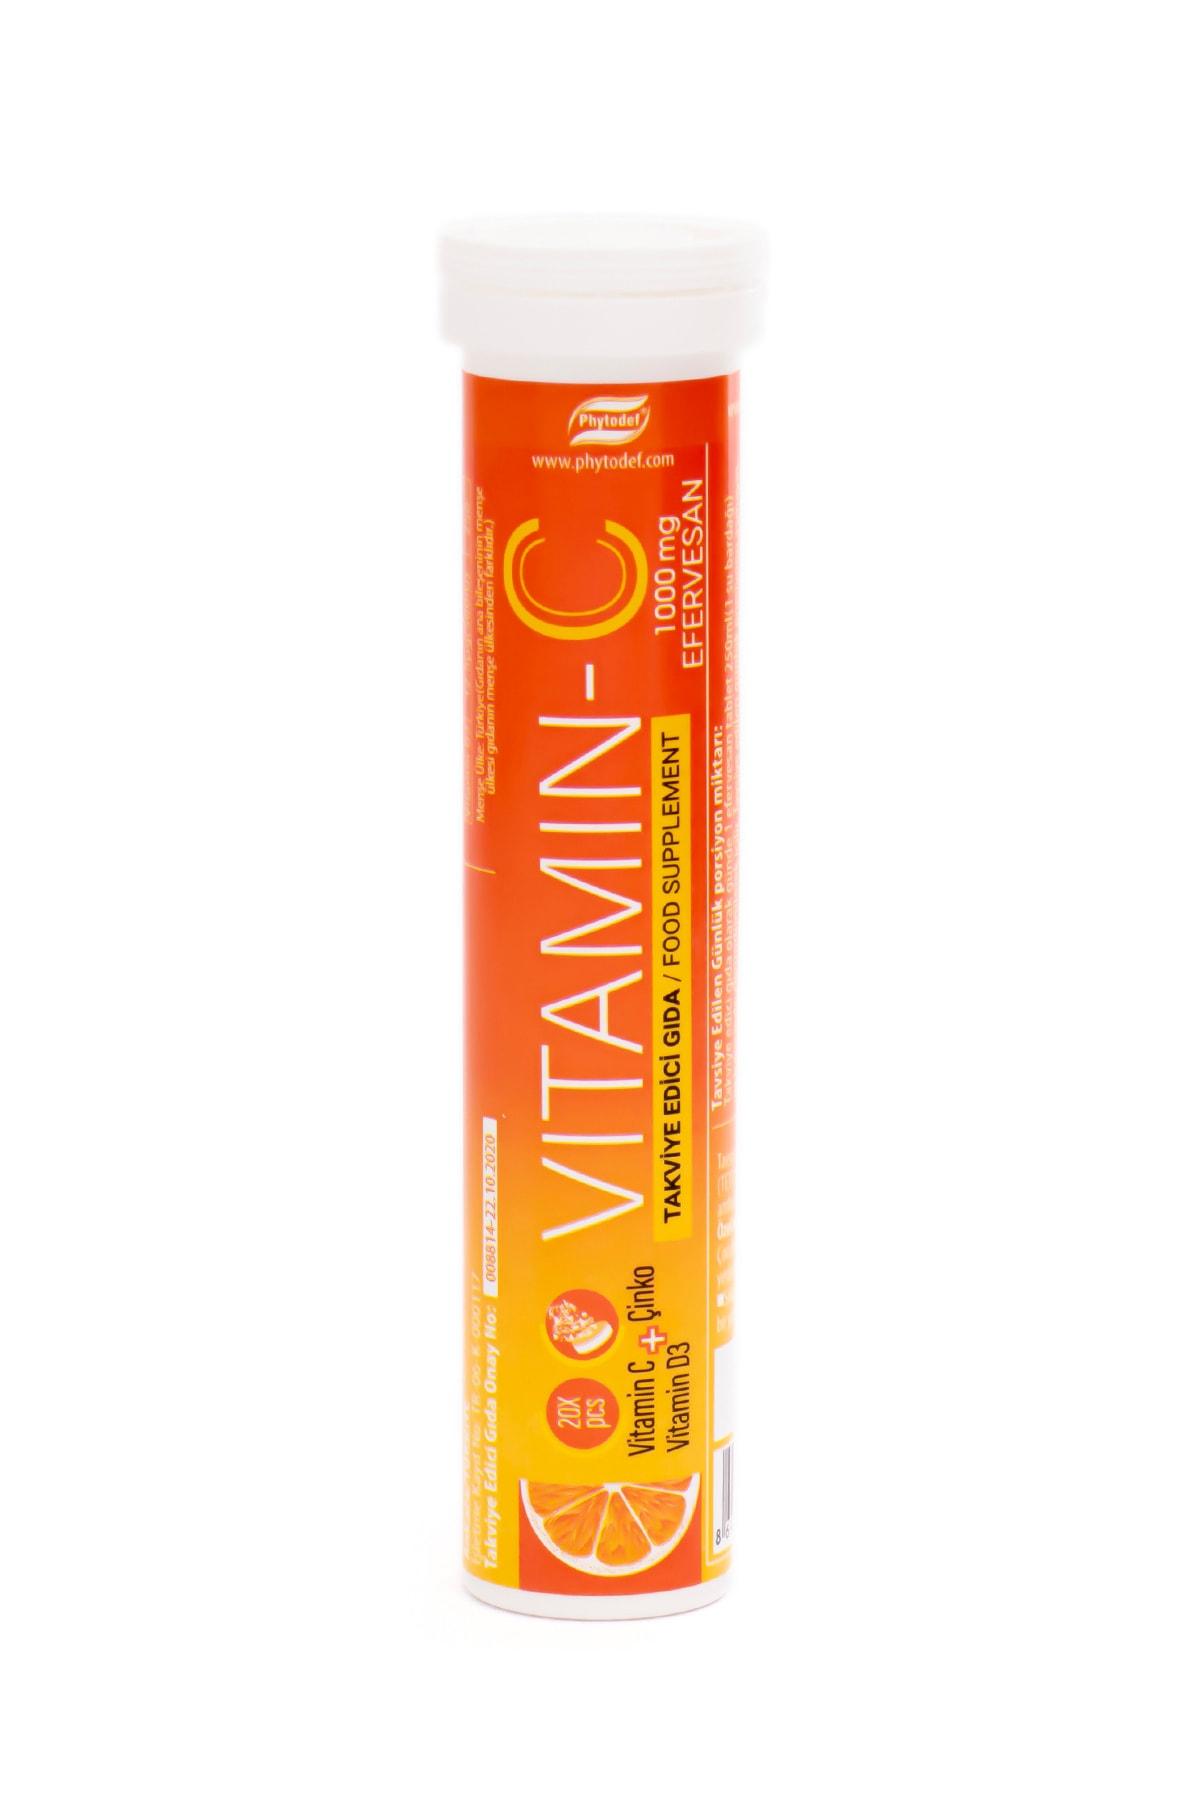 Phytodef Vitamin C ve Çinko Vitamin D3 20 Efervesan Tablet 2